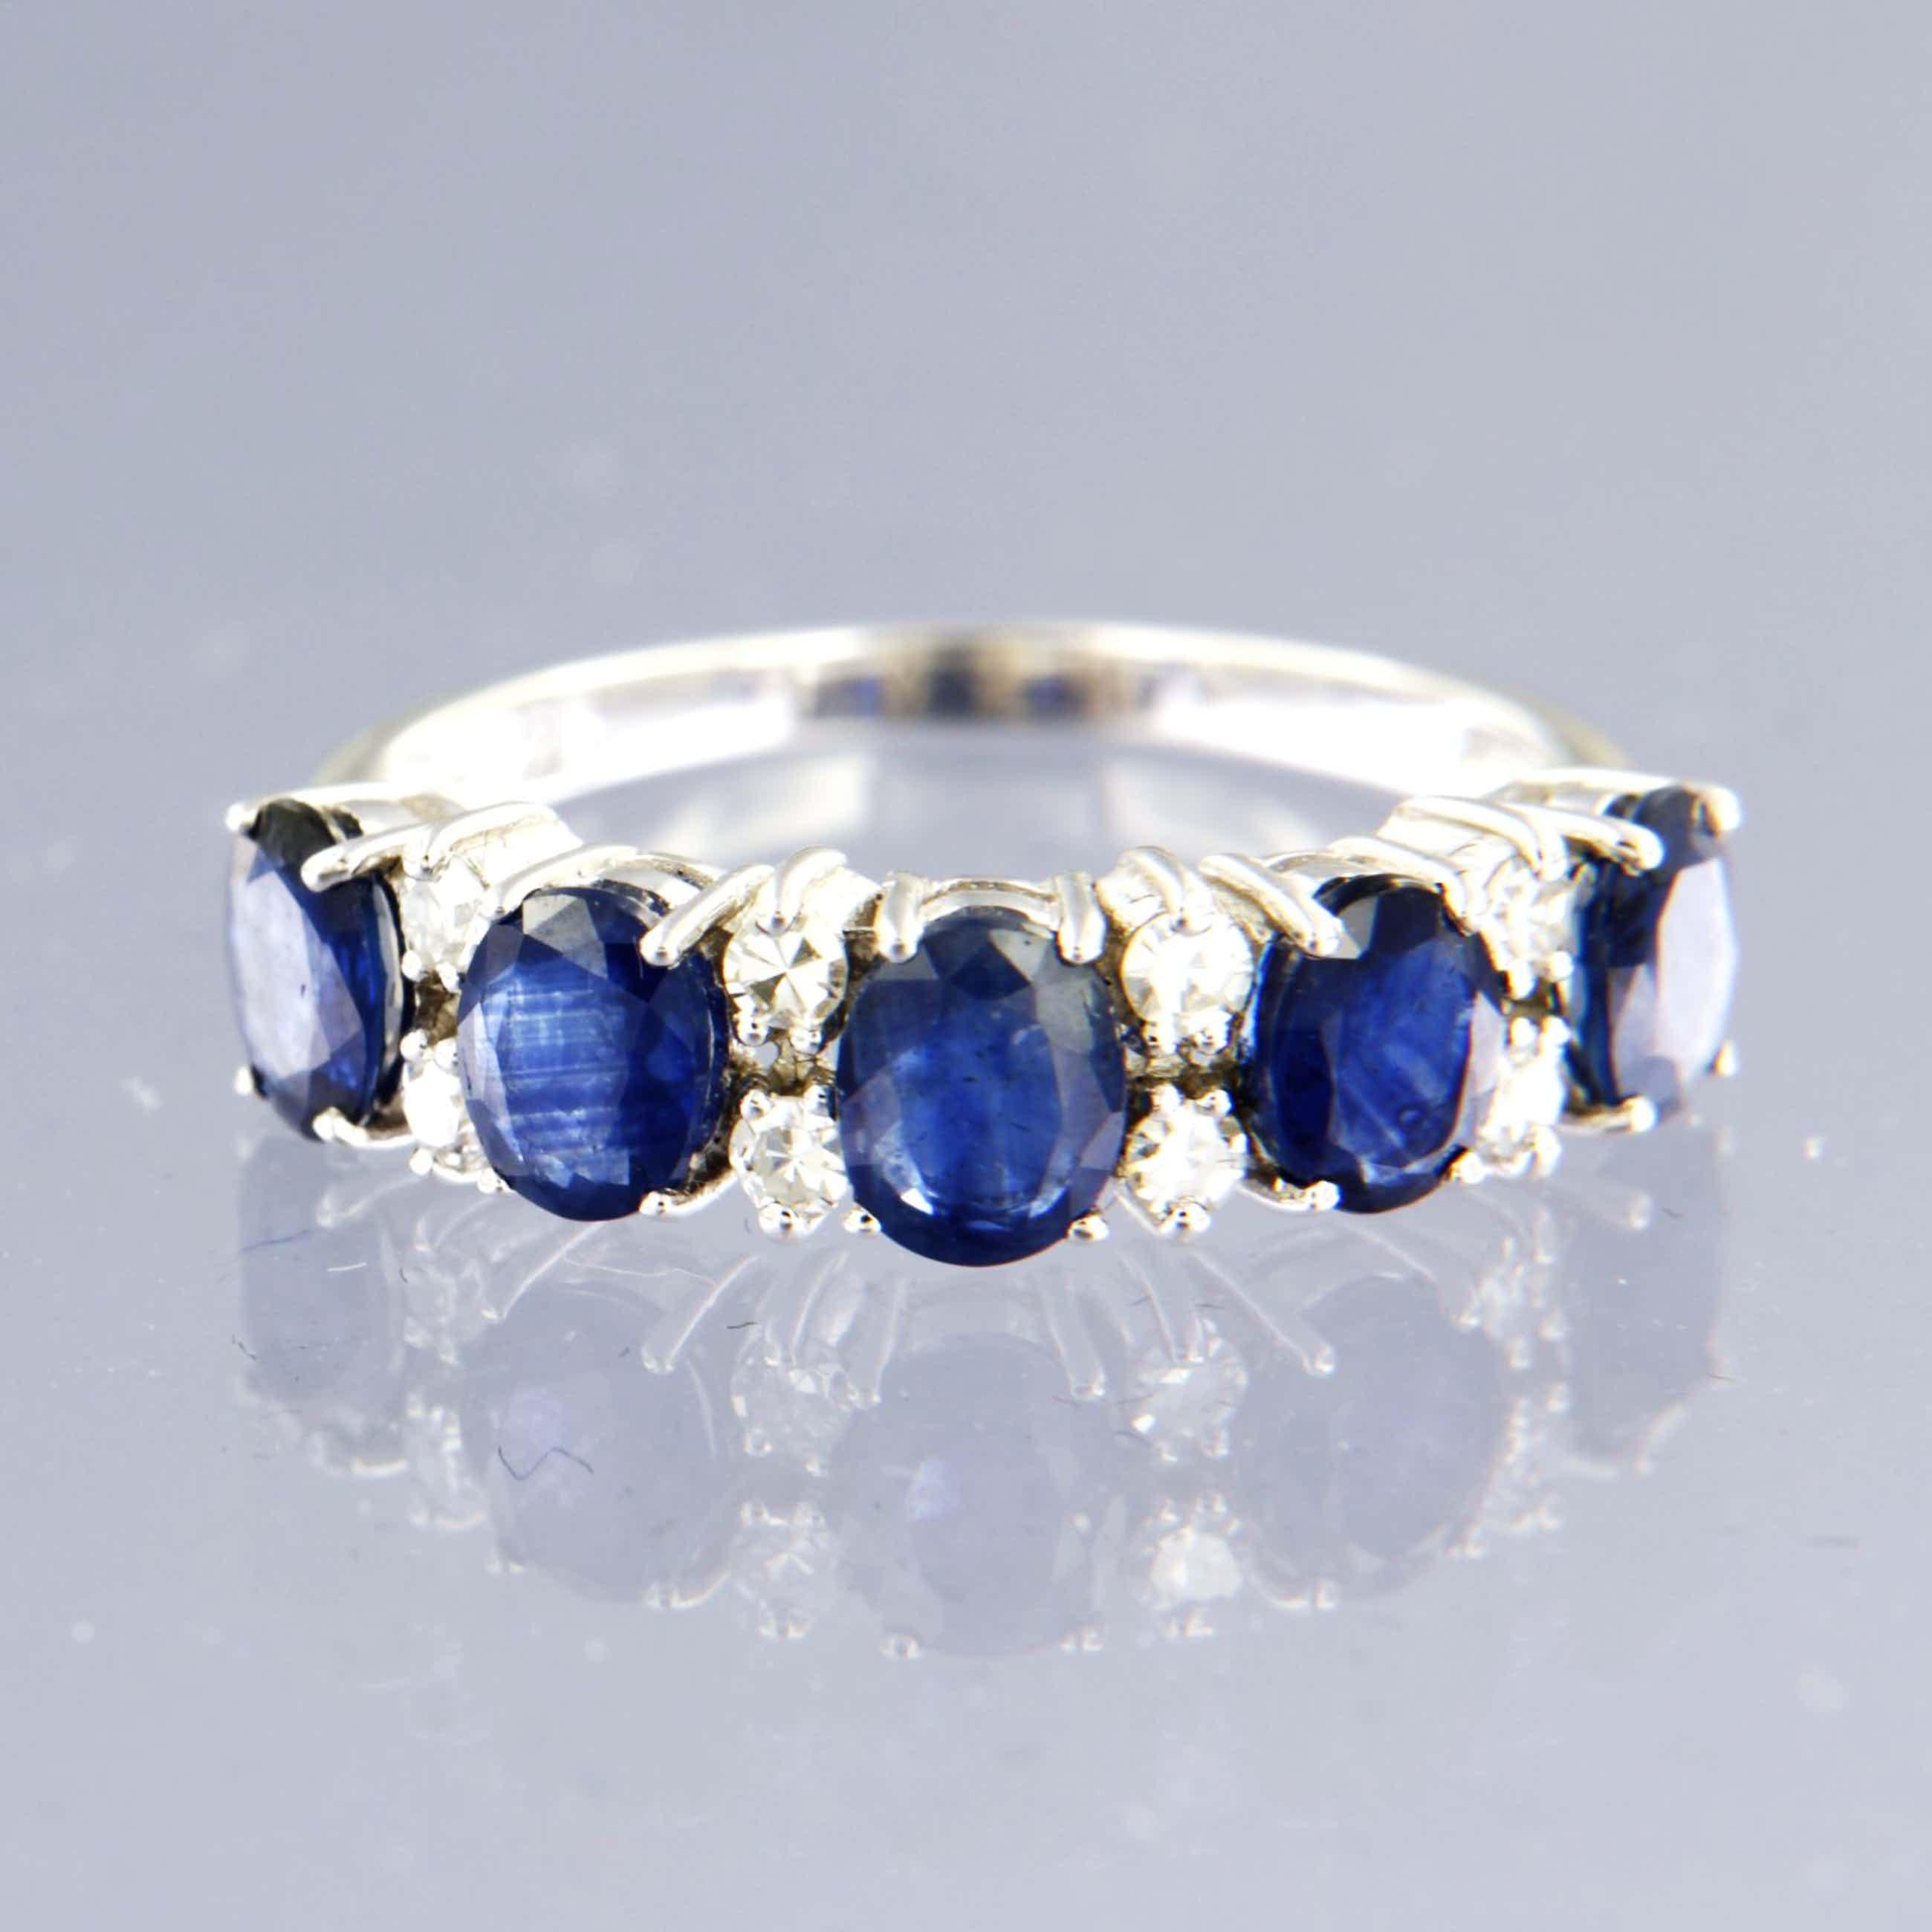 14K Goud - witgouden ring bezet met saffier en 8 kant geslepen diamant, ringmaat 17,25 (54) kopen? Bied vanaf 400!